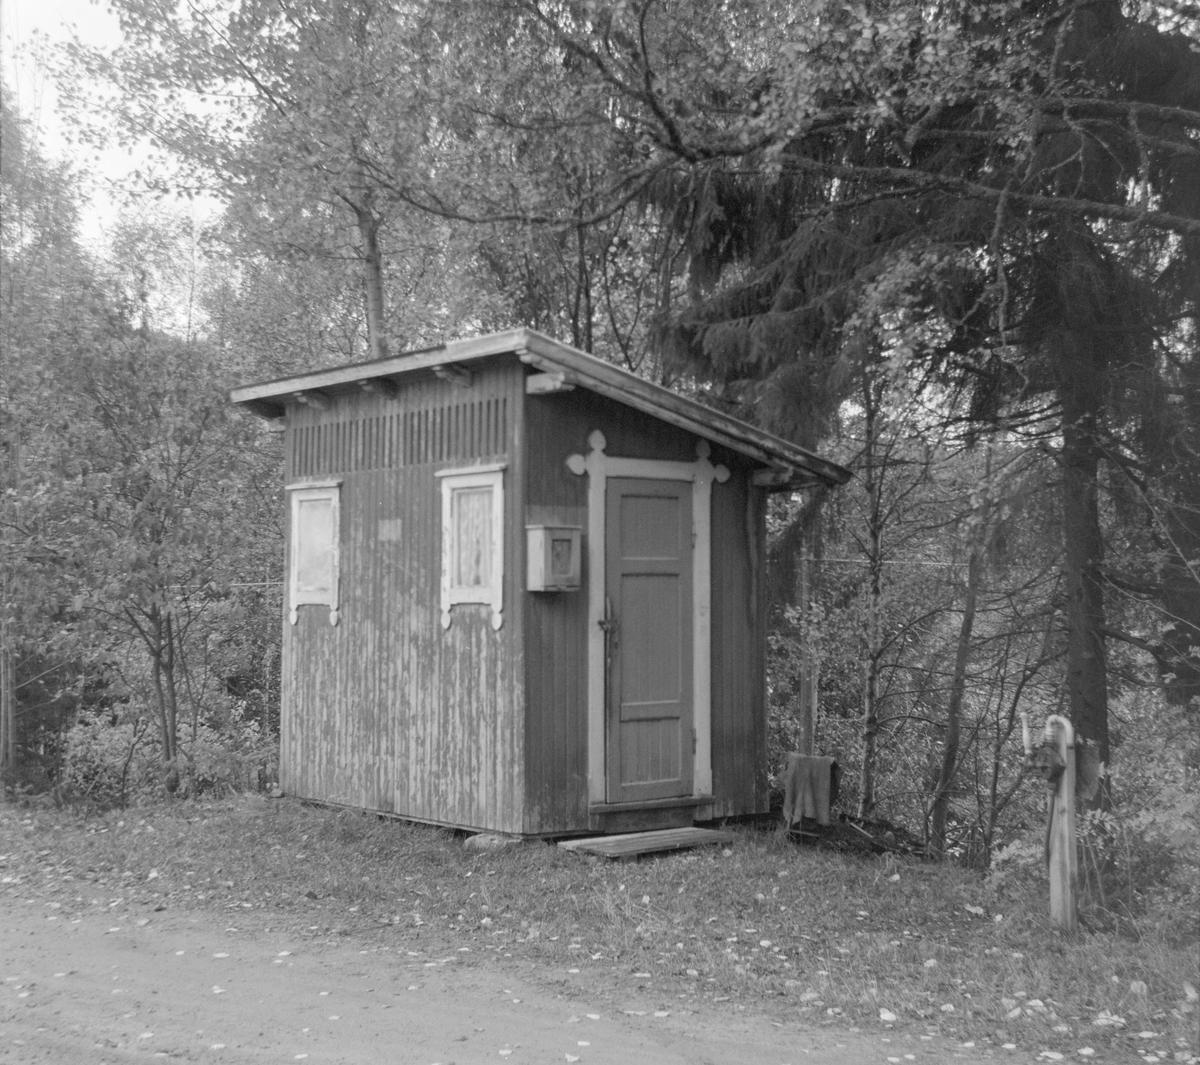 Utedo ved Kopstad stoppested på nedlagte Tønsberg-Eidsfossbanen.